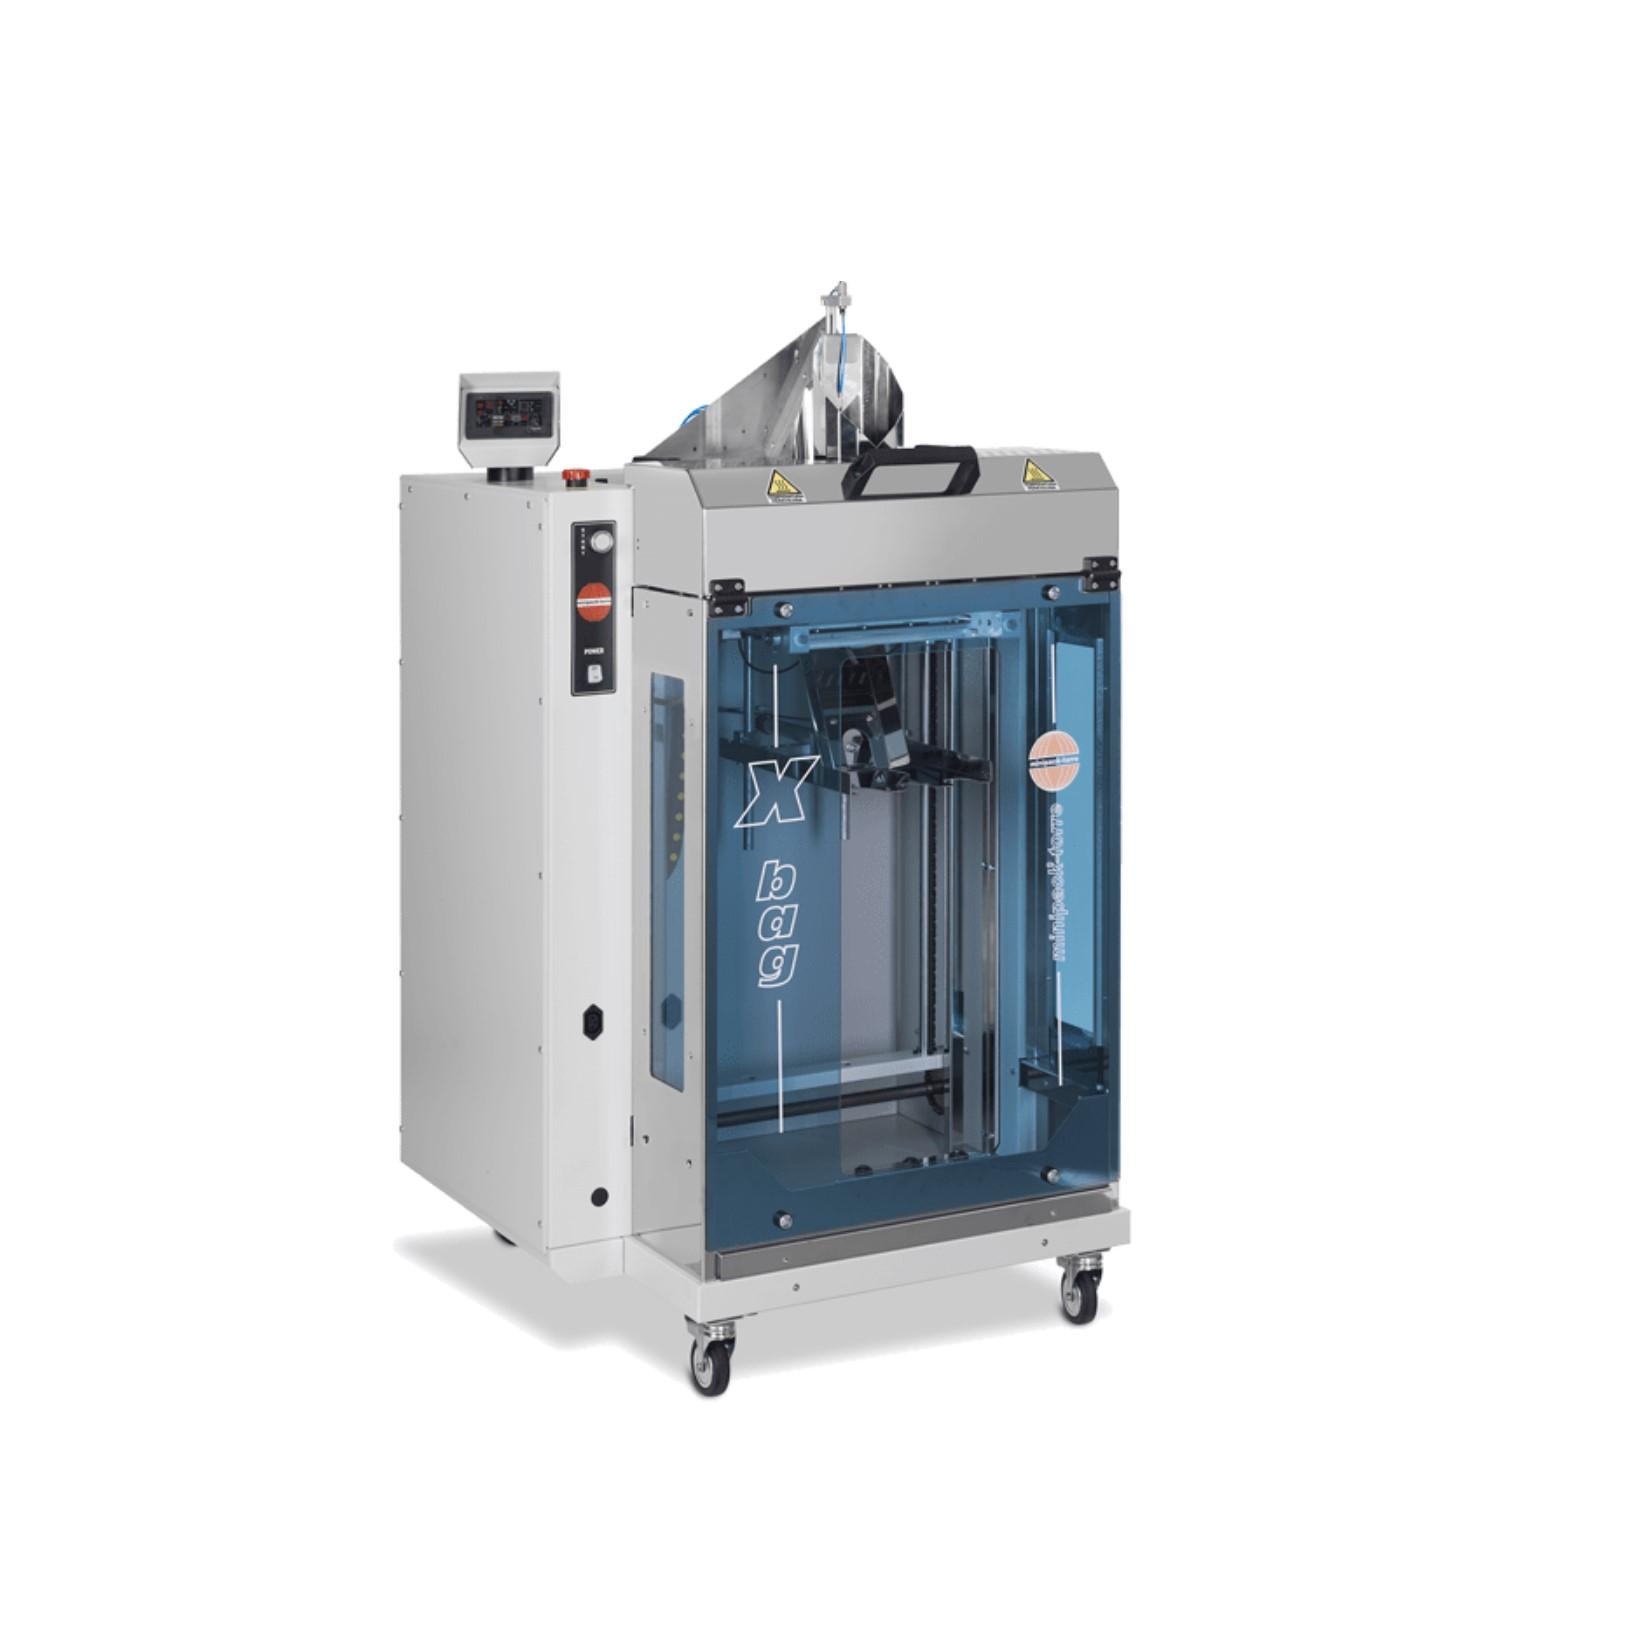 VFFS machine – X-bag